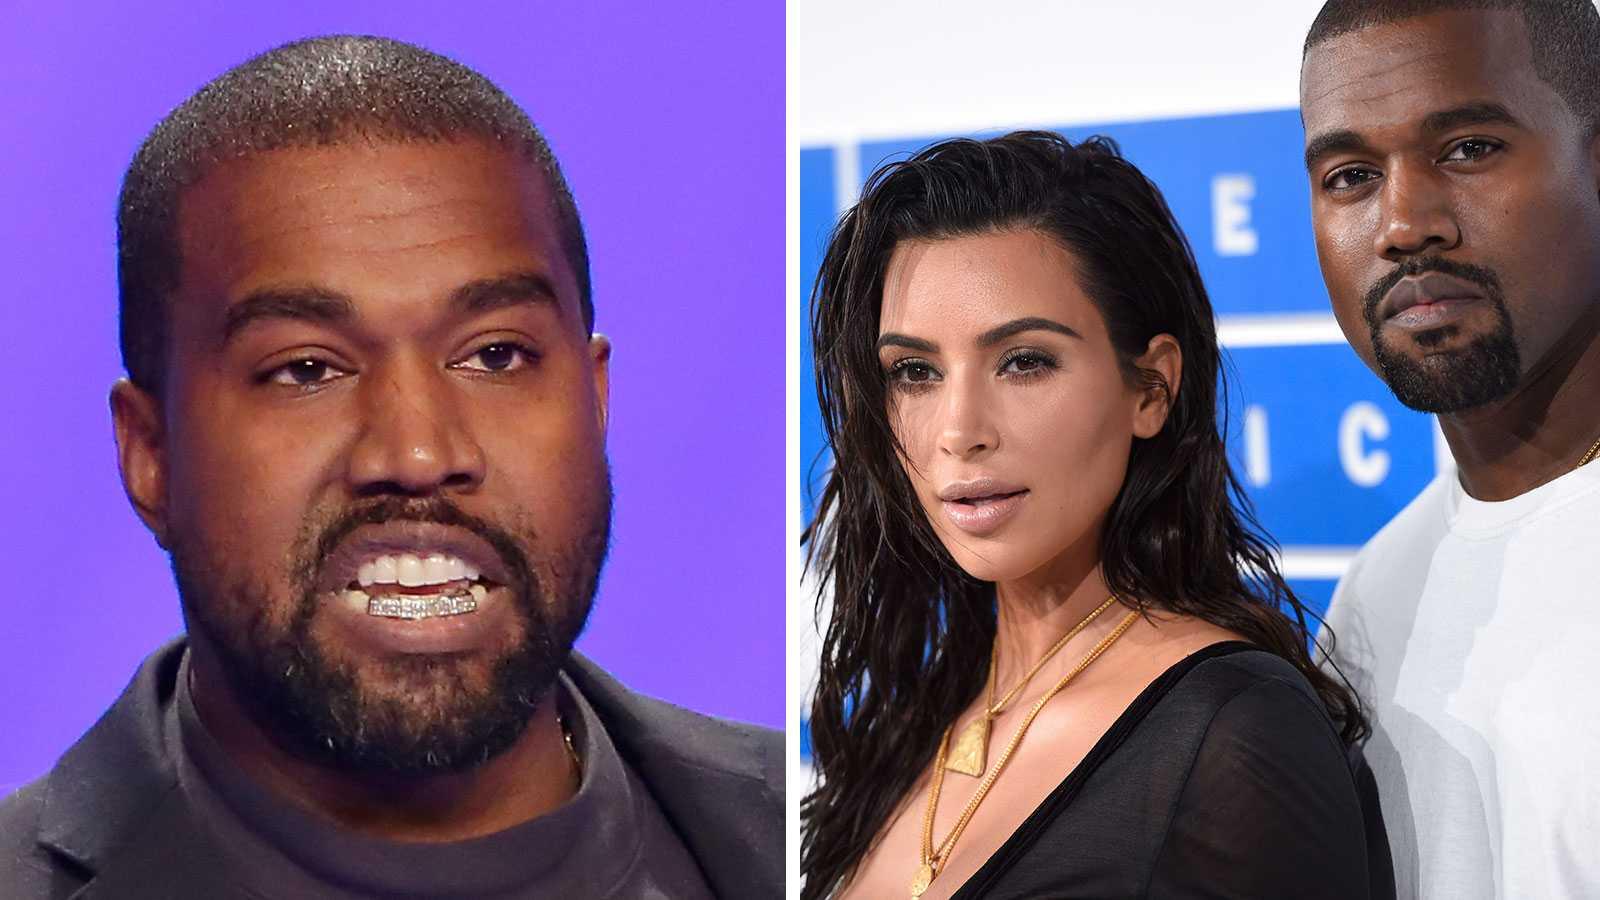 Uppgifter: Kanye West inne i en svår bipolär period